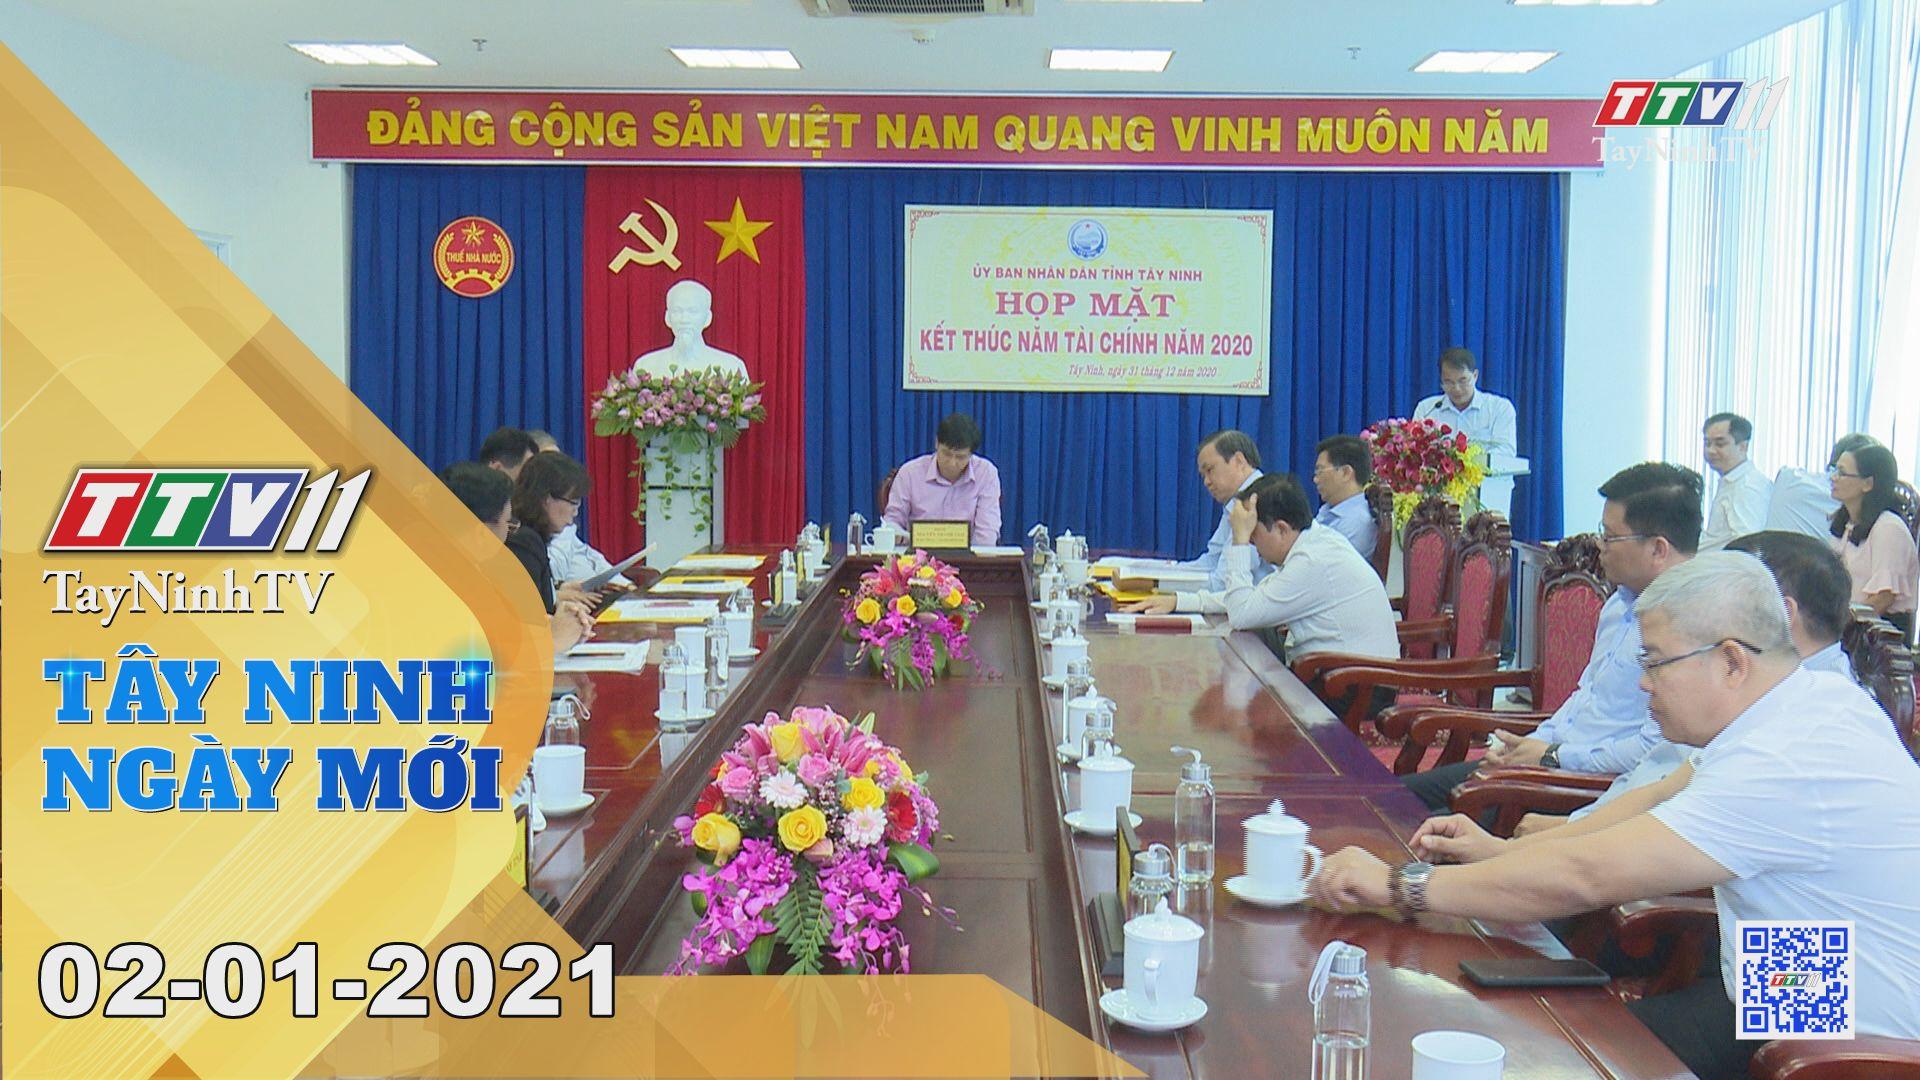 Tây Ninh Ngày Mới 02-01-2021 | Tin tức hôm nay | TayNinhTV